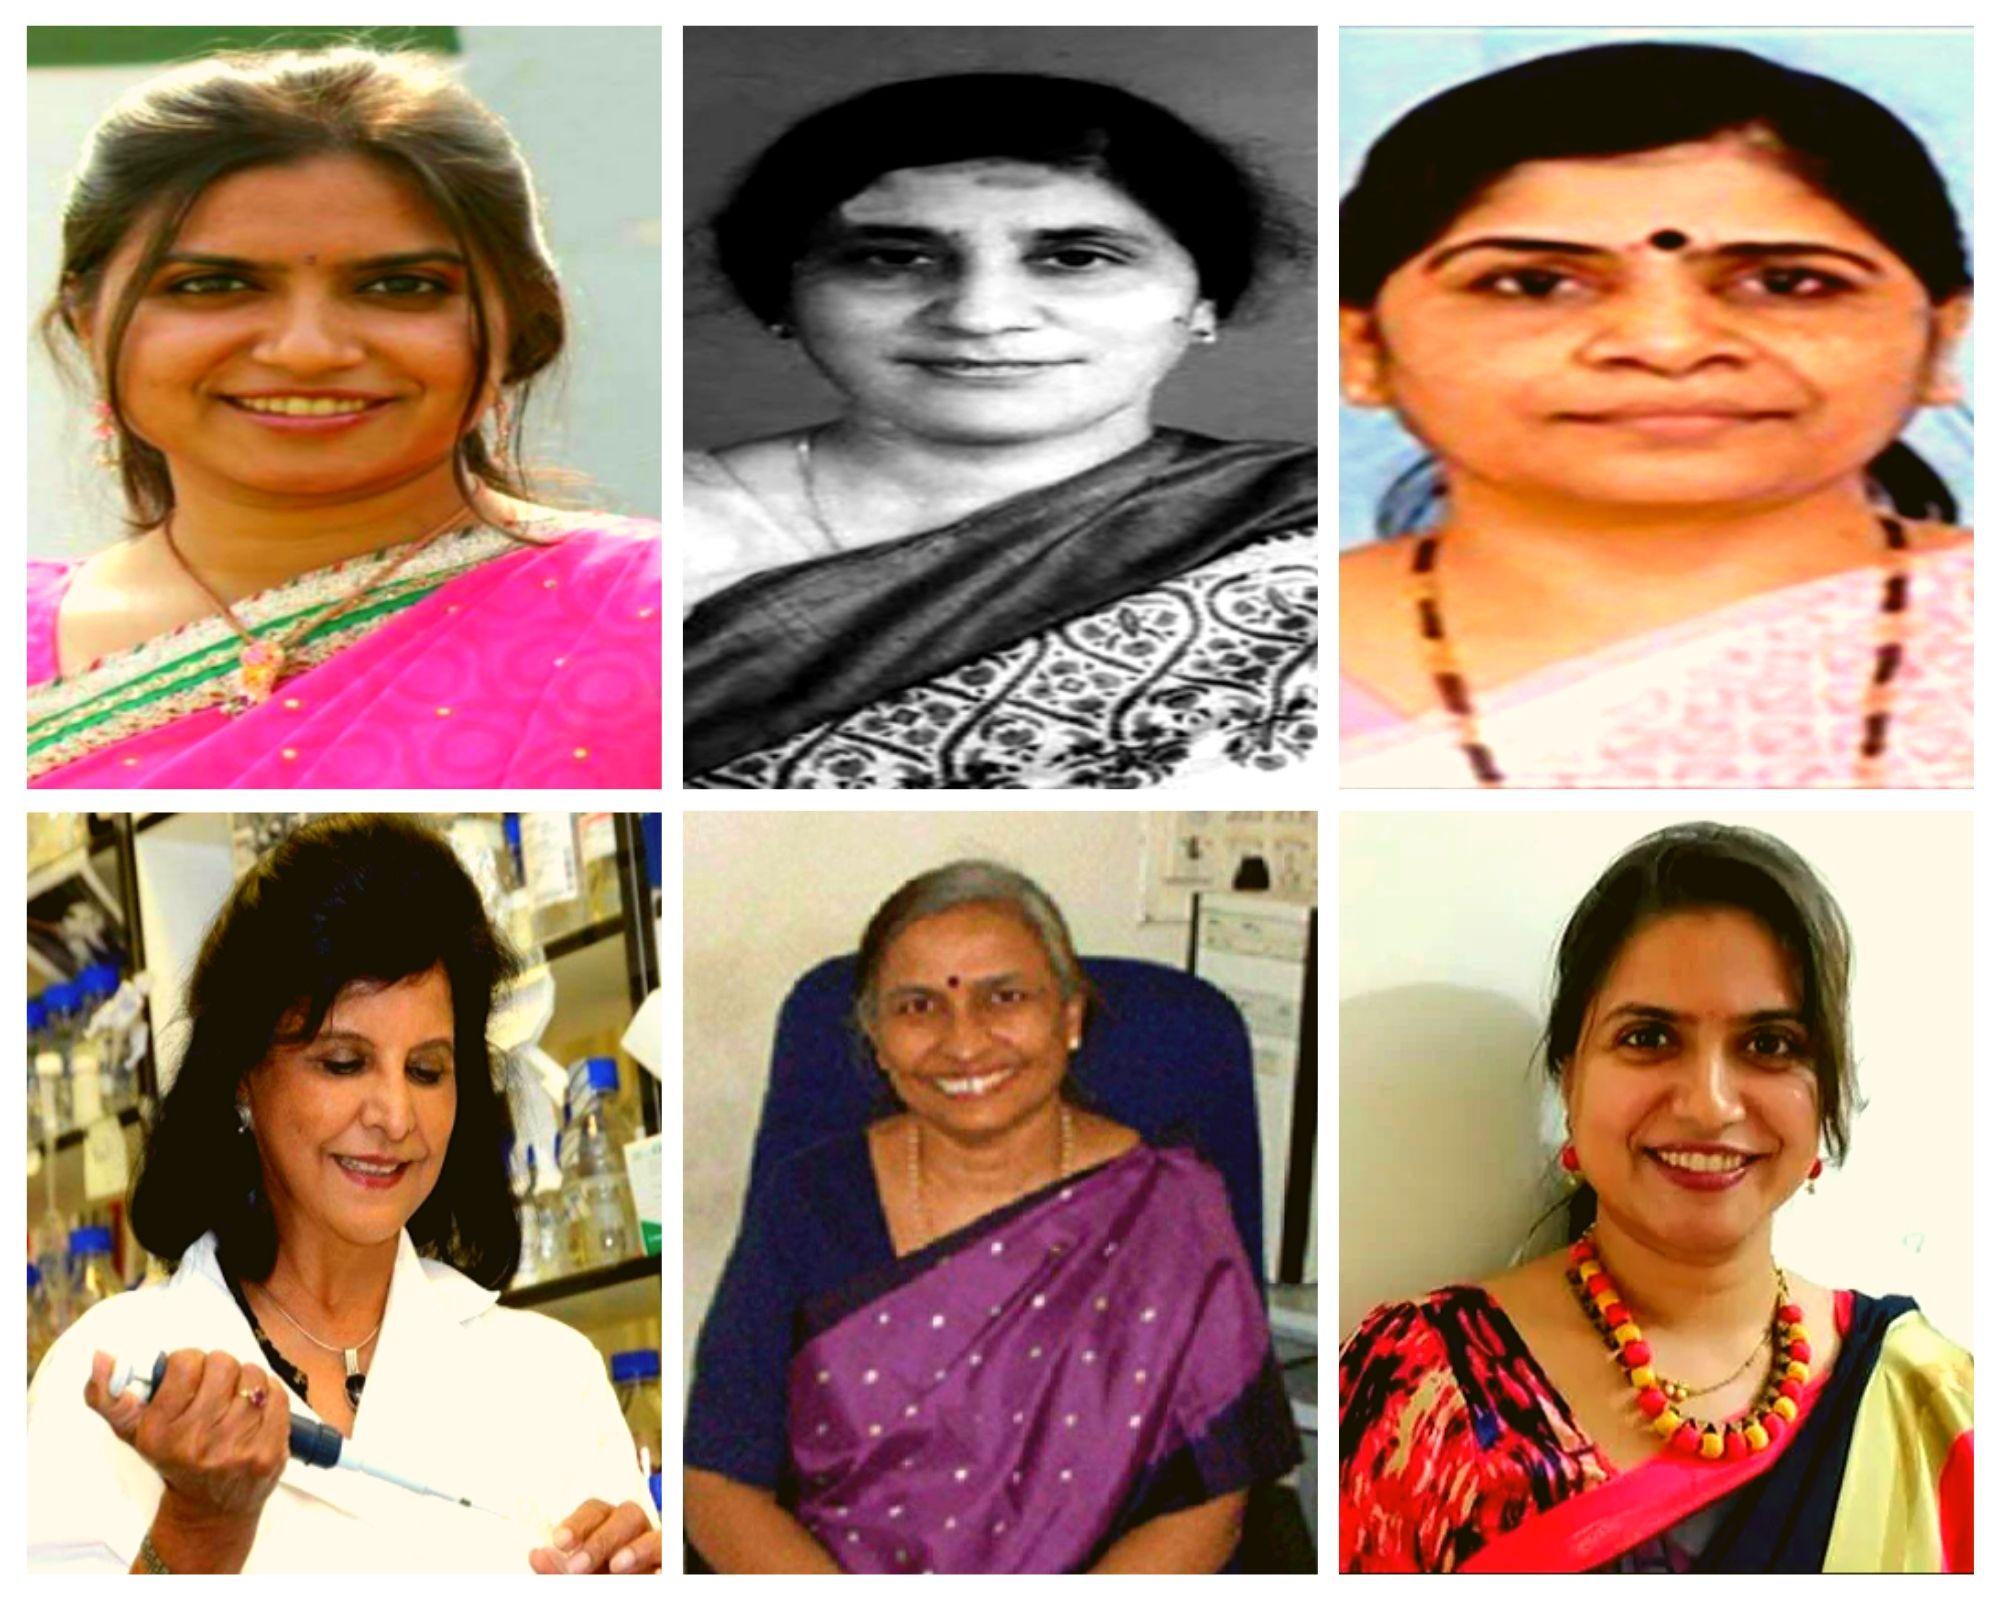 भारत की इन 6 महिला वैज्ञानिकों ने दुनिया को दी जानलेवा बिमारियों से बचने की वैक्सीन